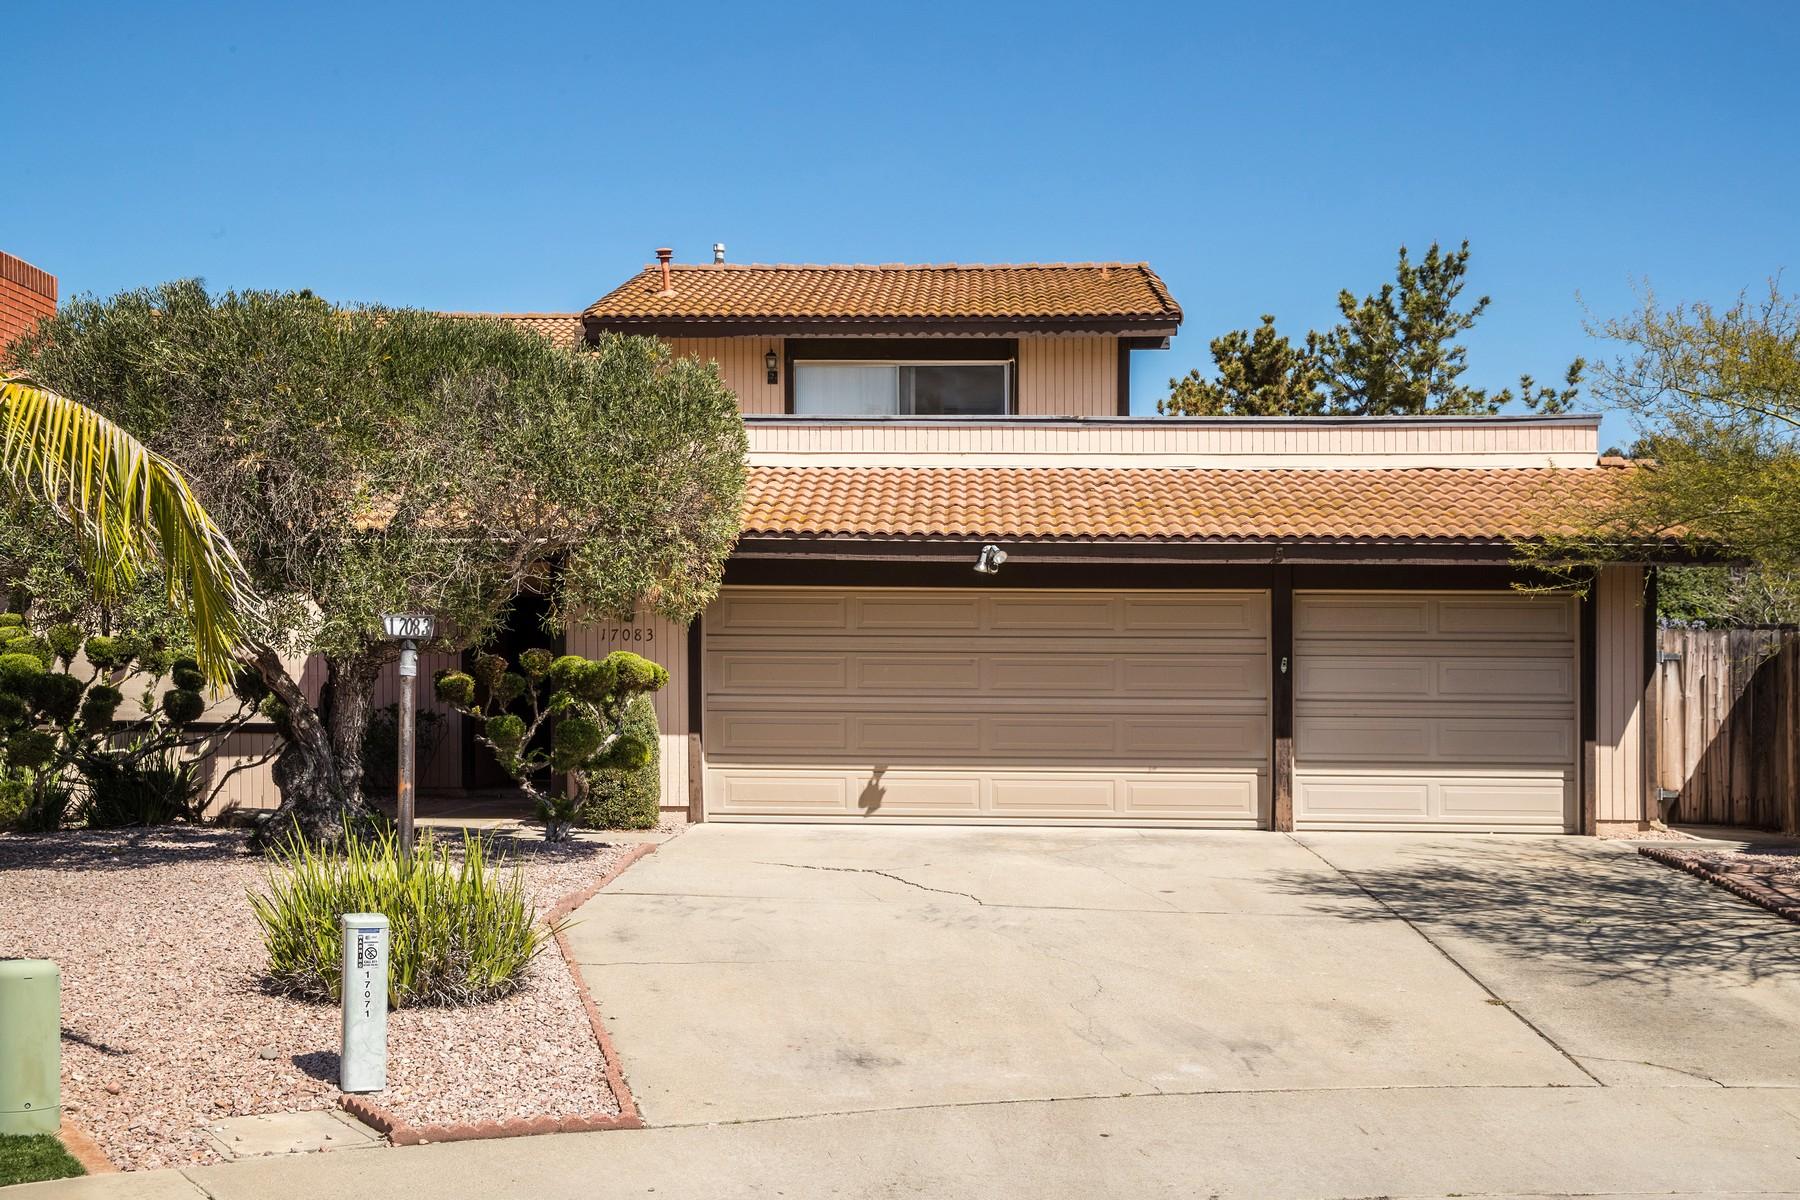 Частный односемейный дом для того Продажа на 17083 Abra Way San Diego, Калифорния 92128 Соединенные Штаты